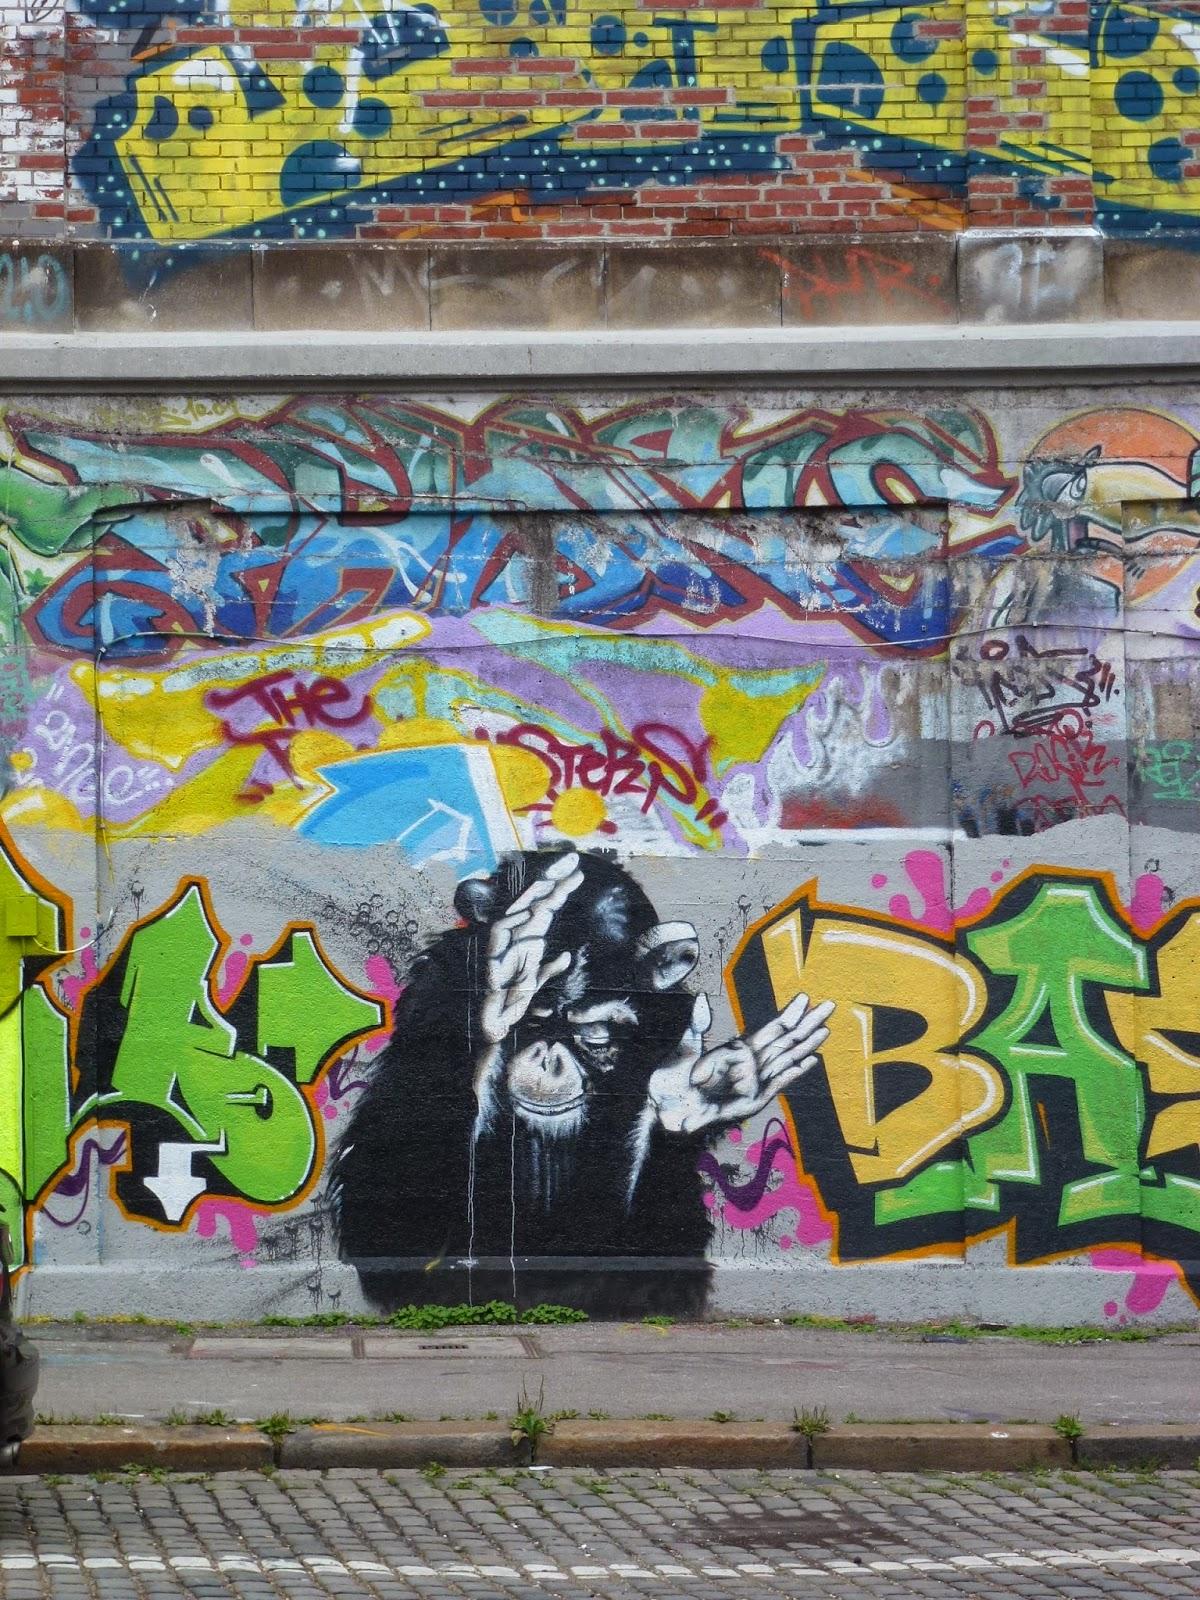 Graffiti, Streetart, Urbanart